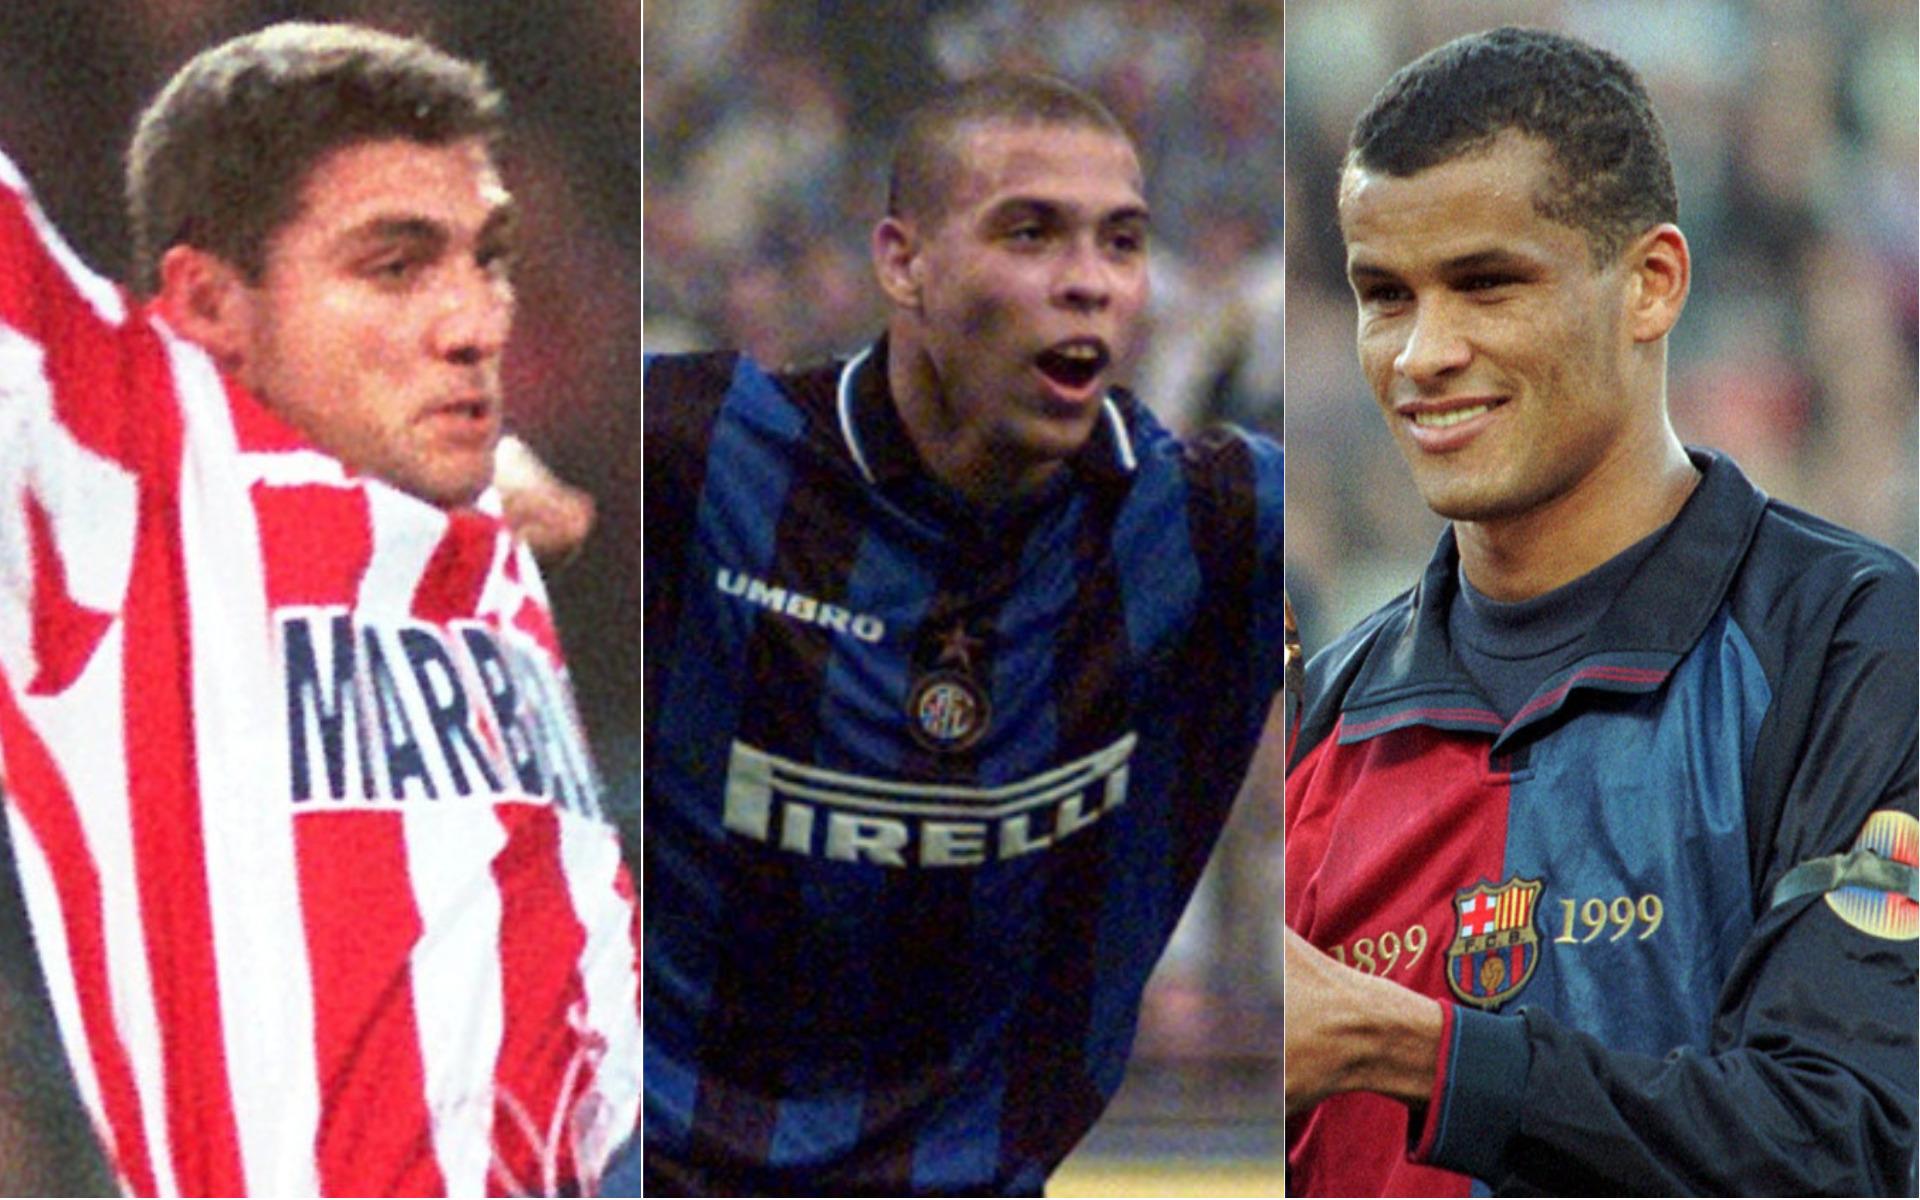 ¡Diferencia impresionante! Los grandes fichajes en el fútbol en los últimos 20 años